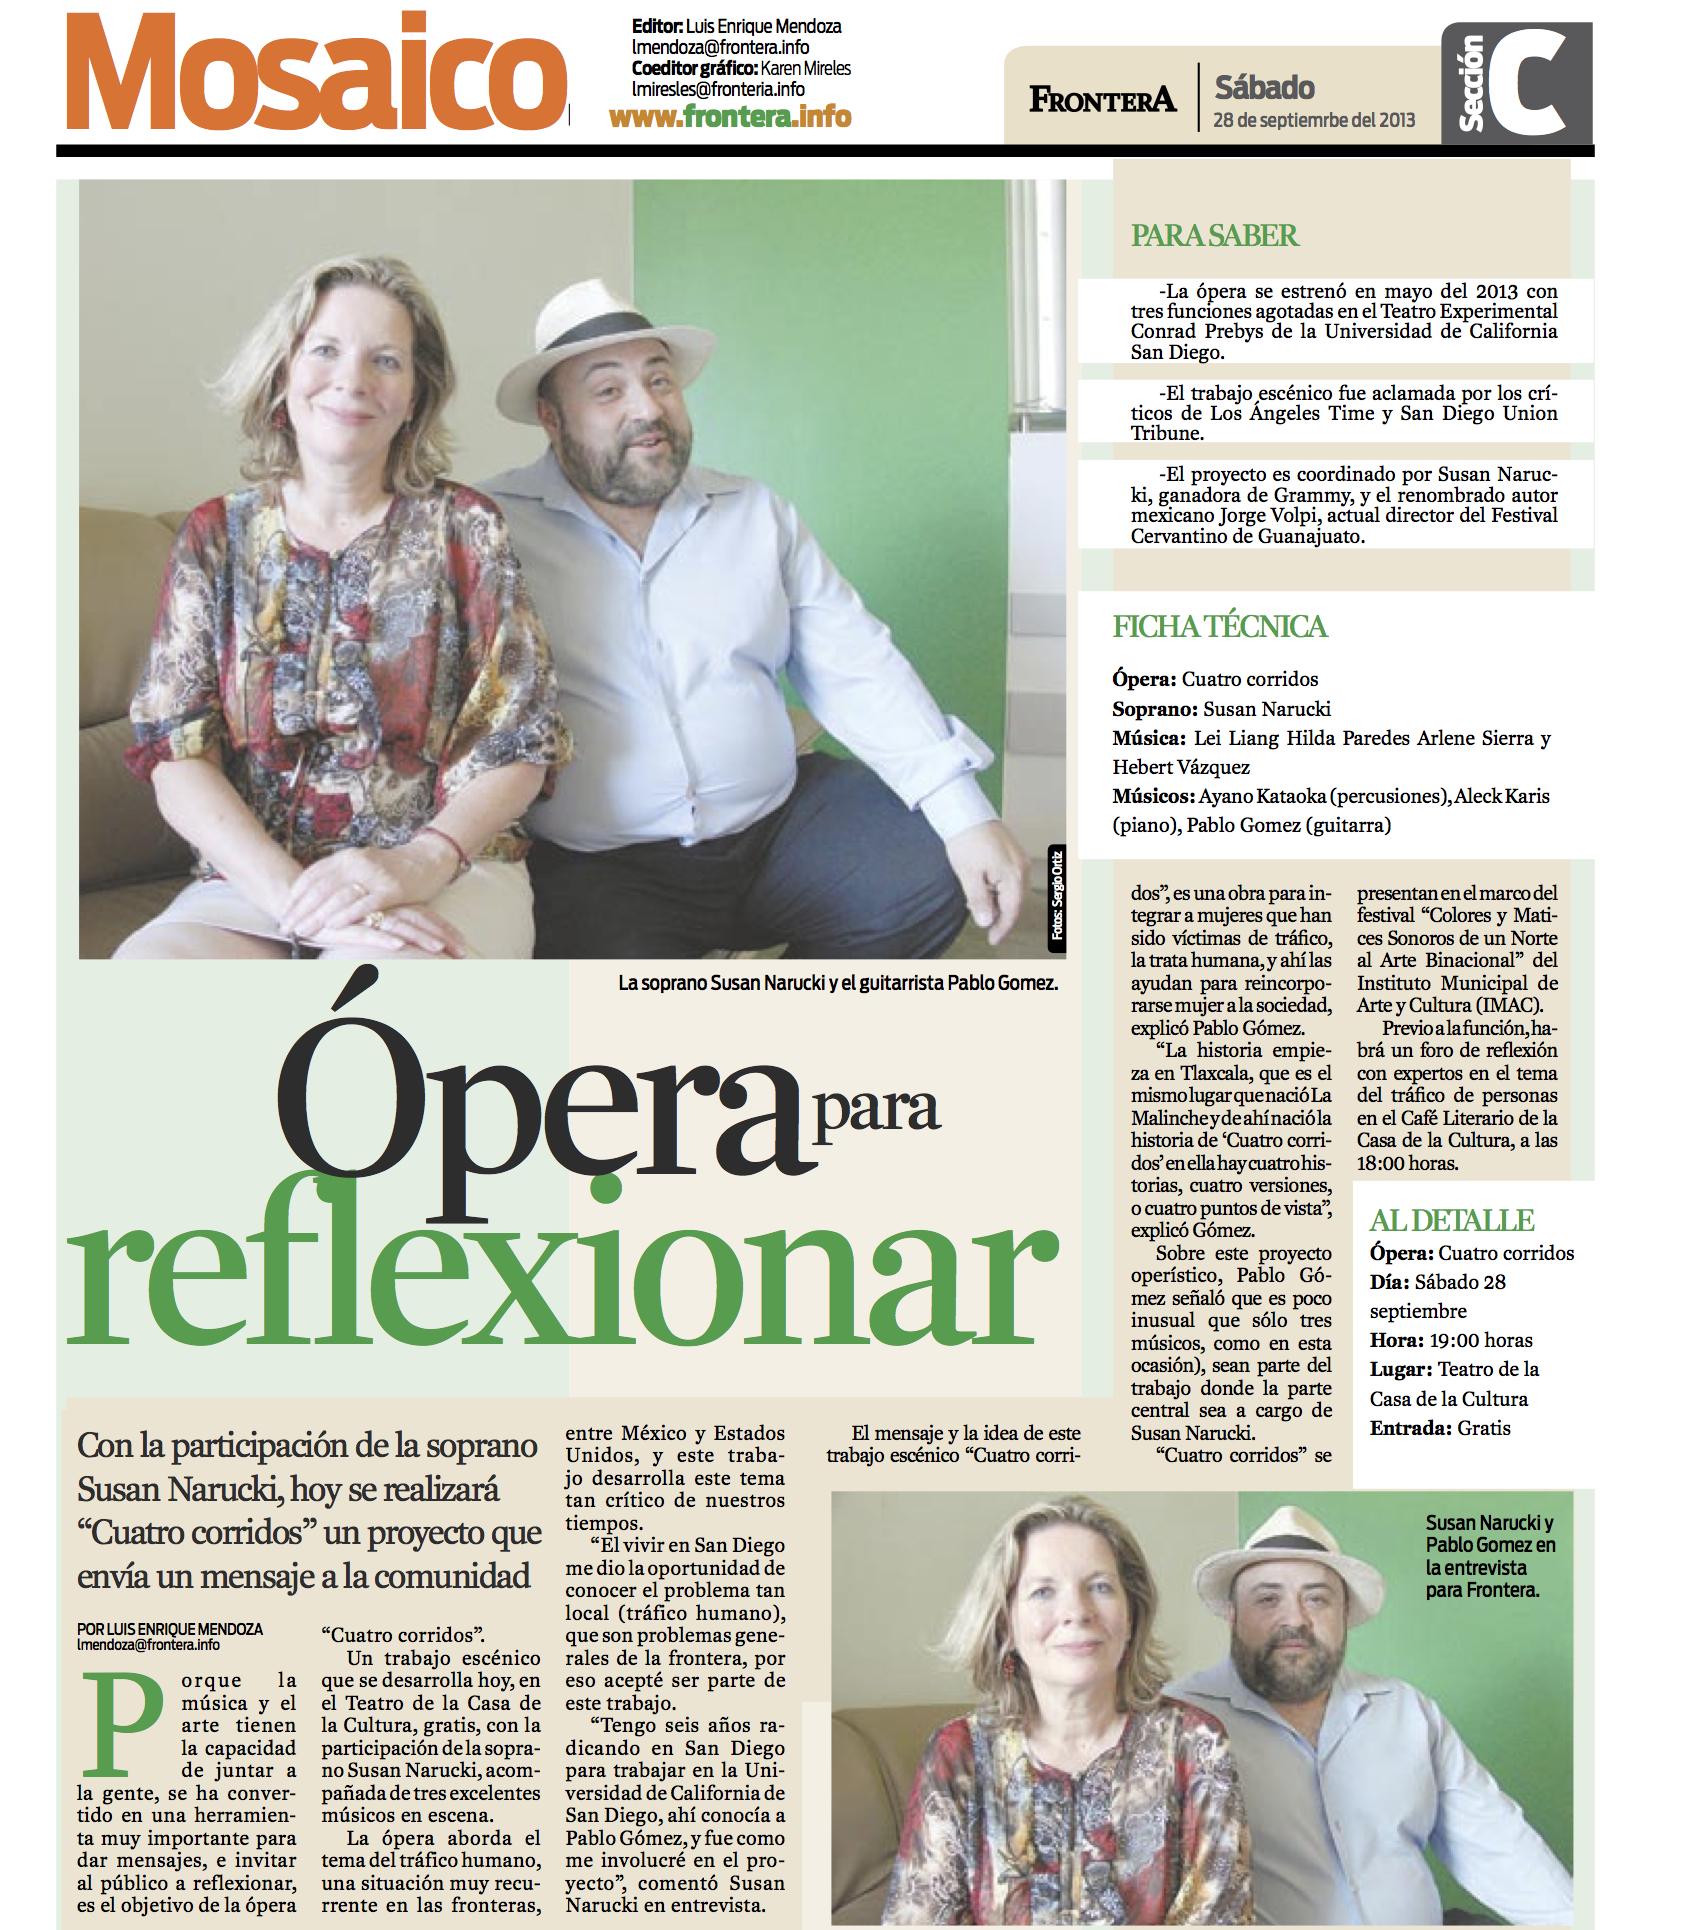 Frontera Ópera Cuatro Corridos-1 copy.jpg